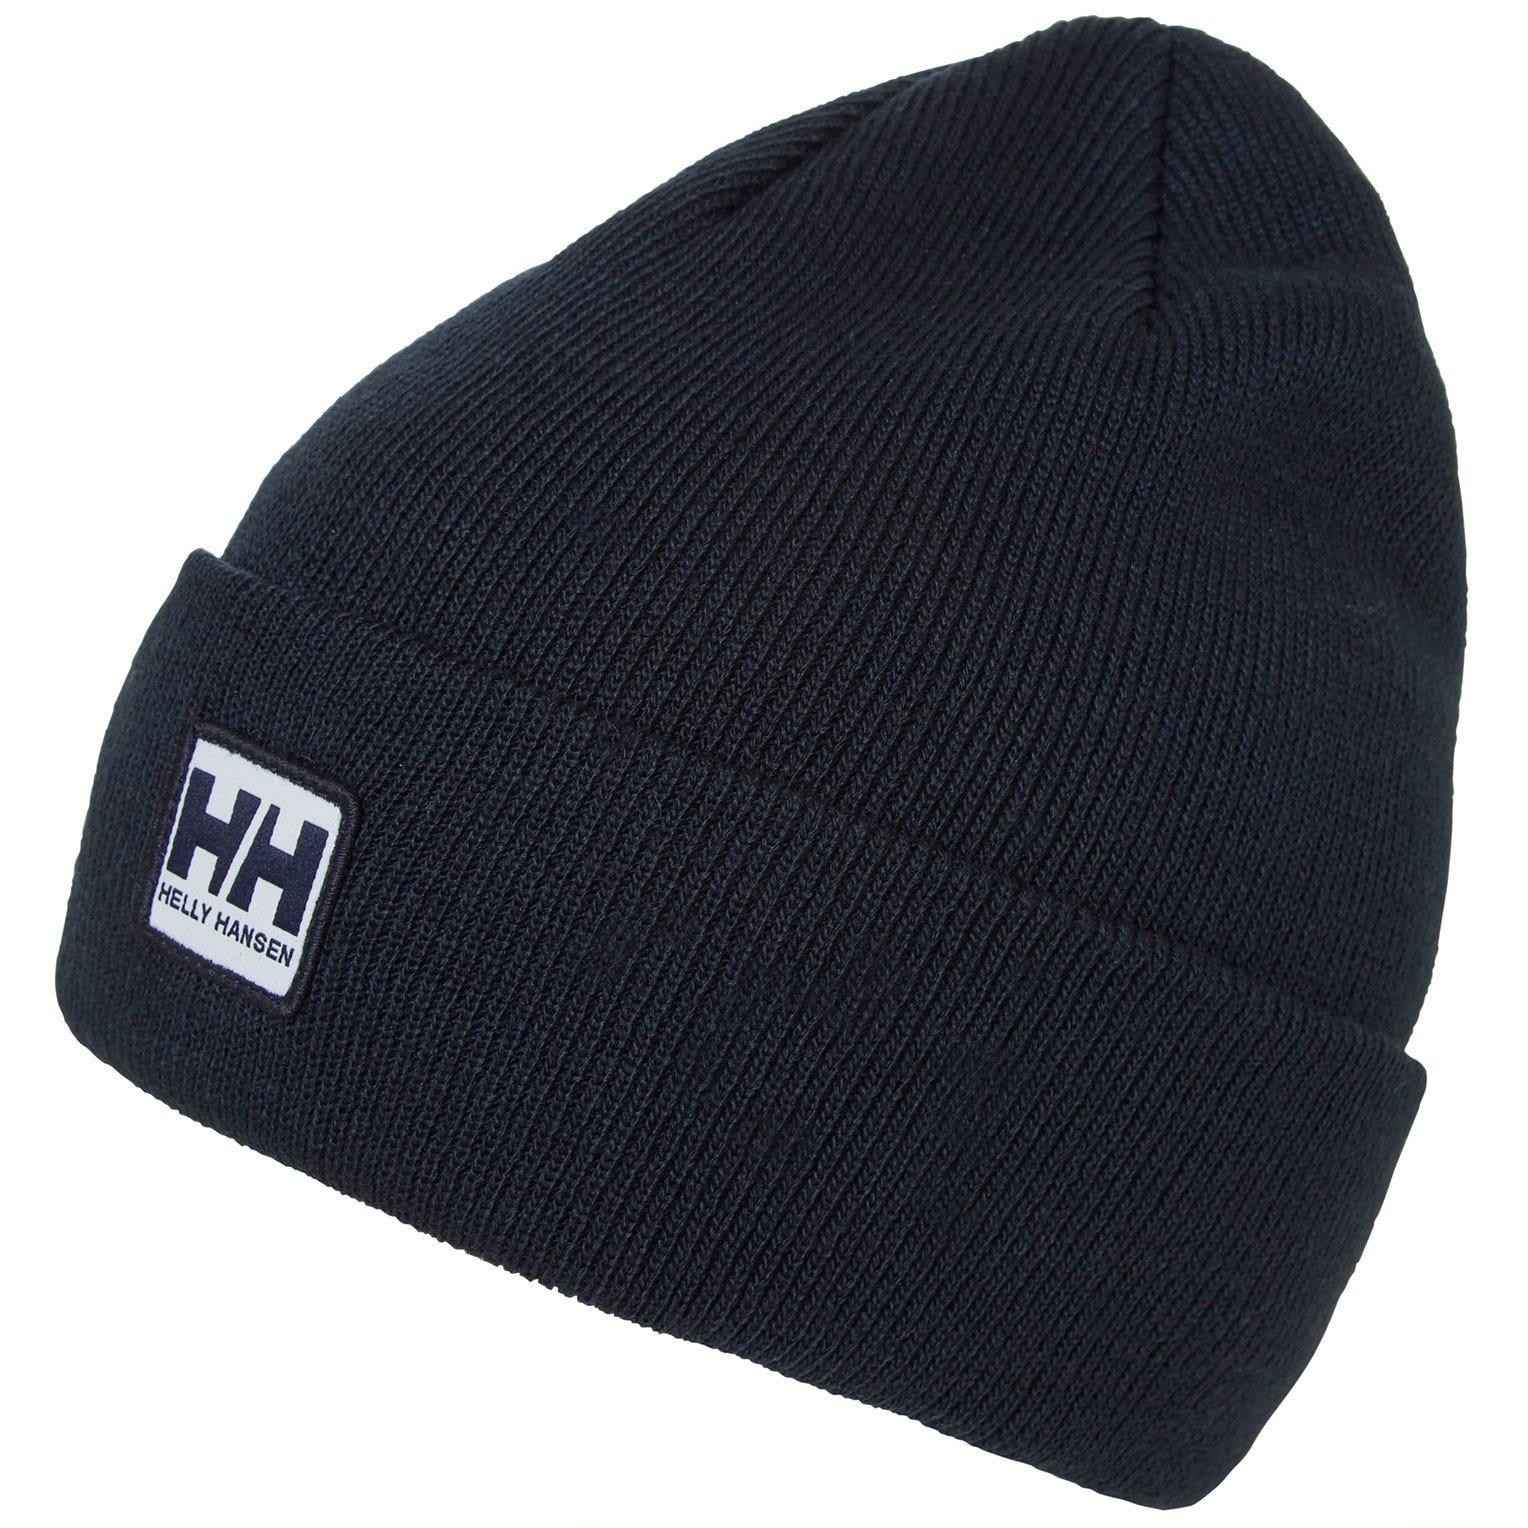 Helly Hansen Urban Cuff Beanie Navy STD